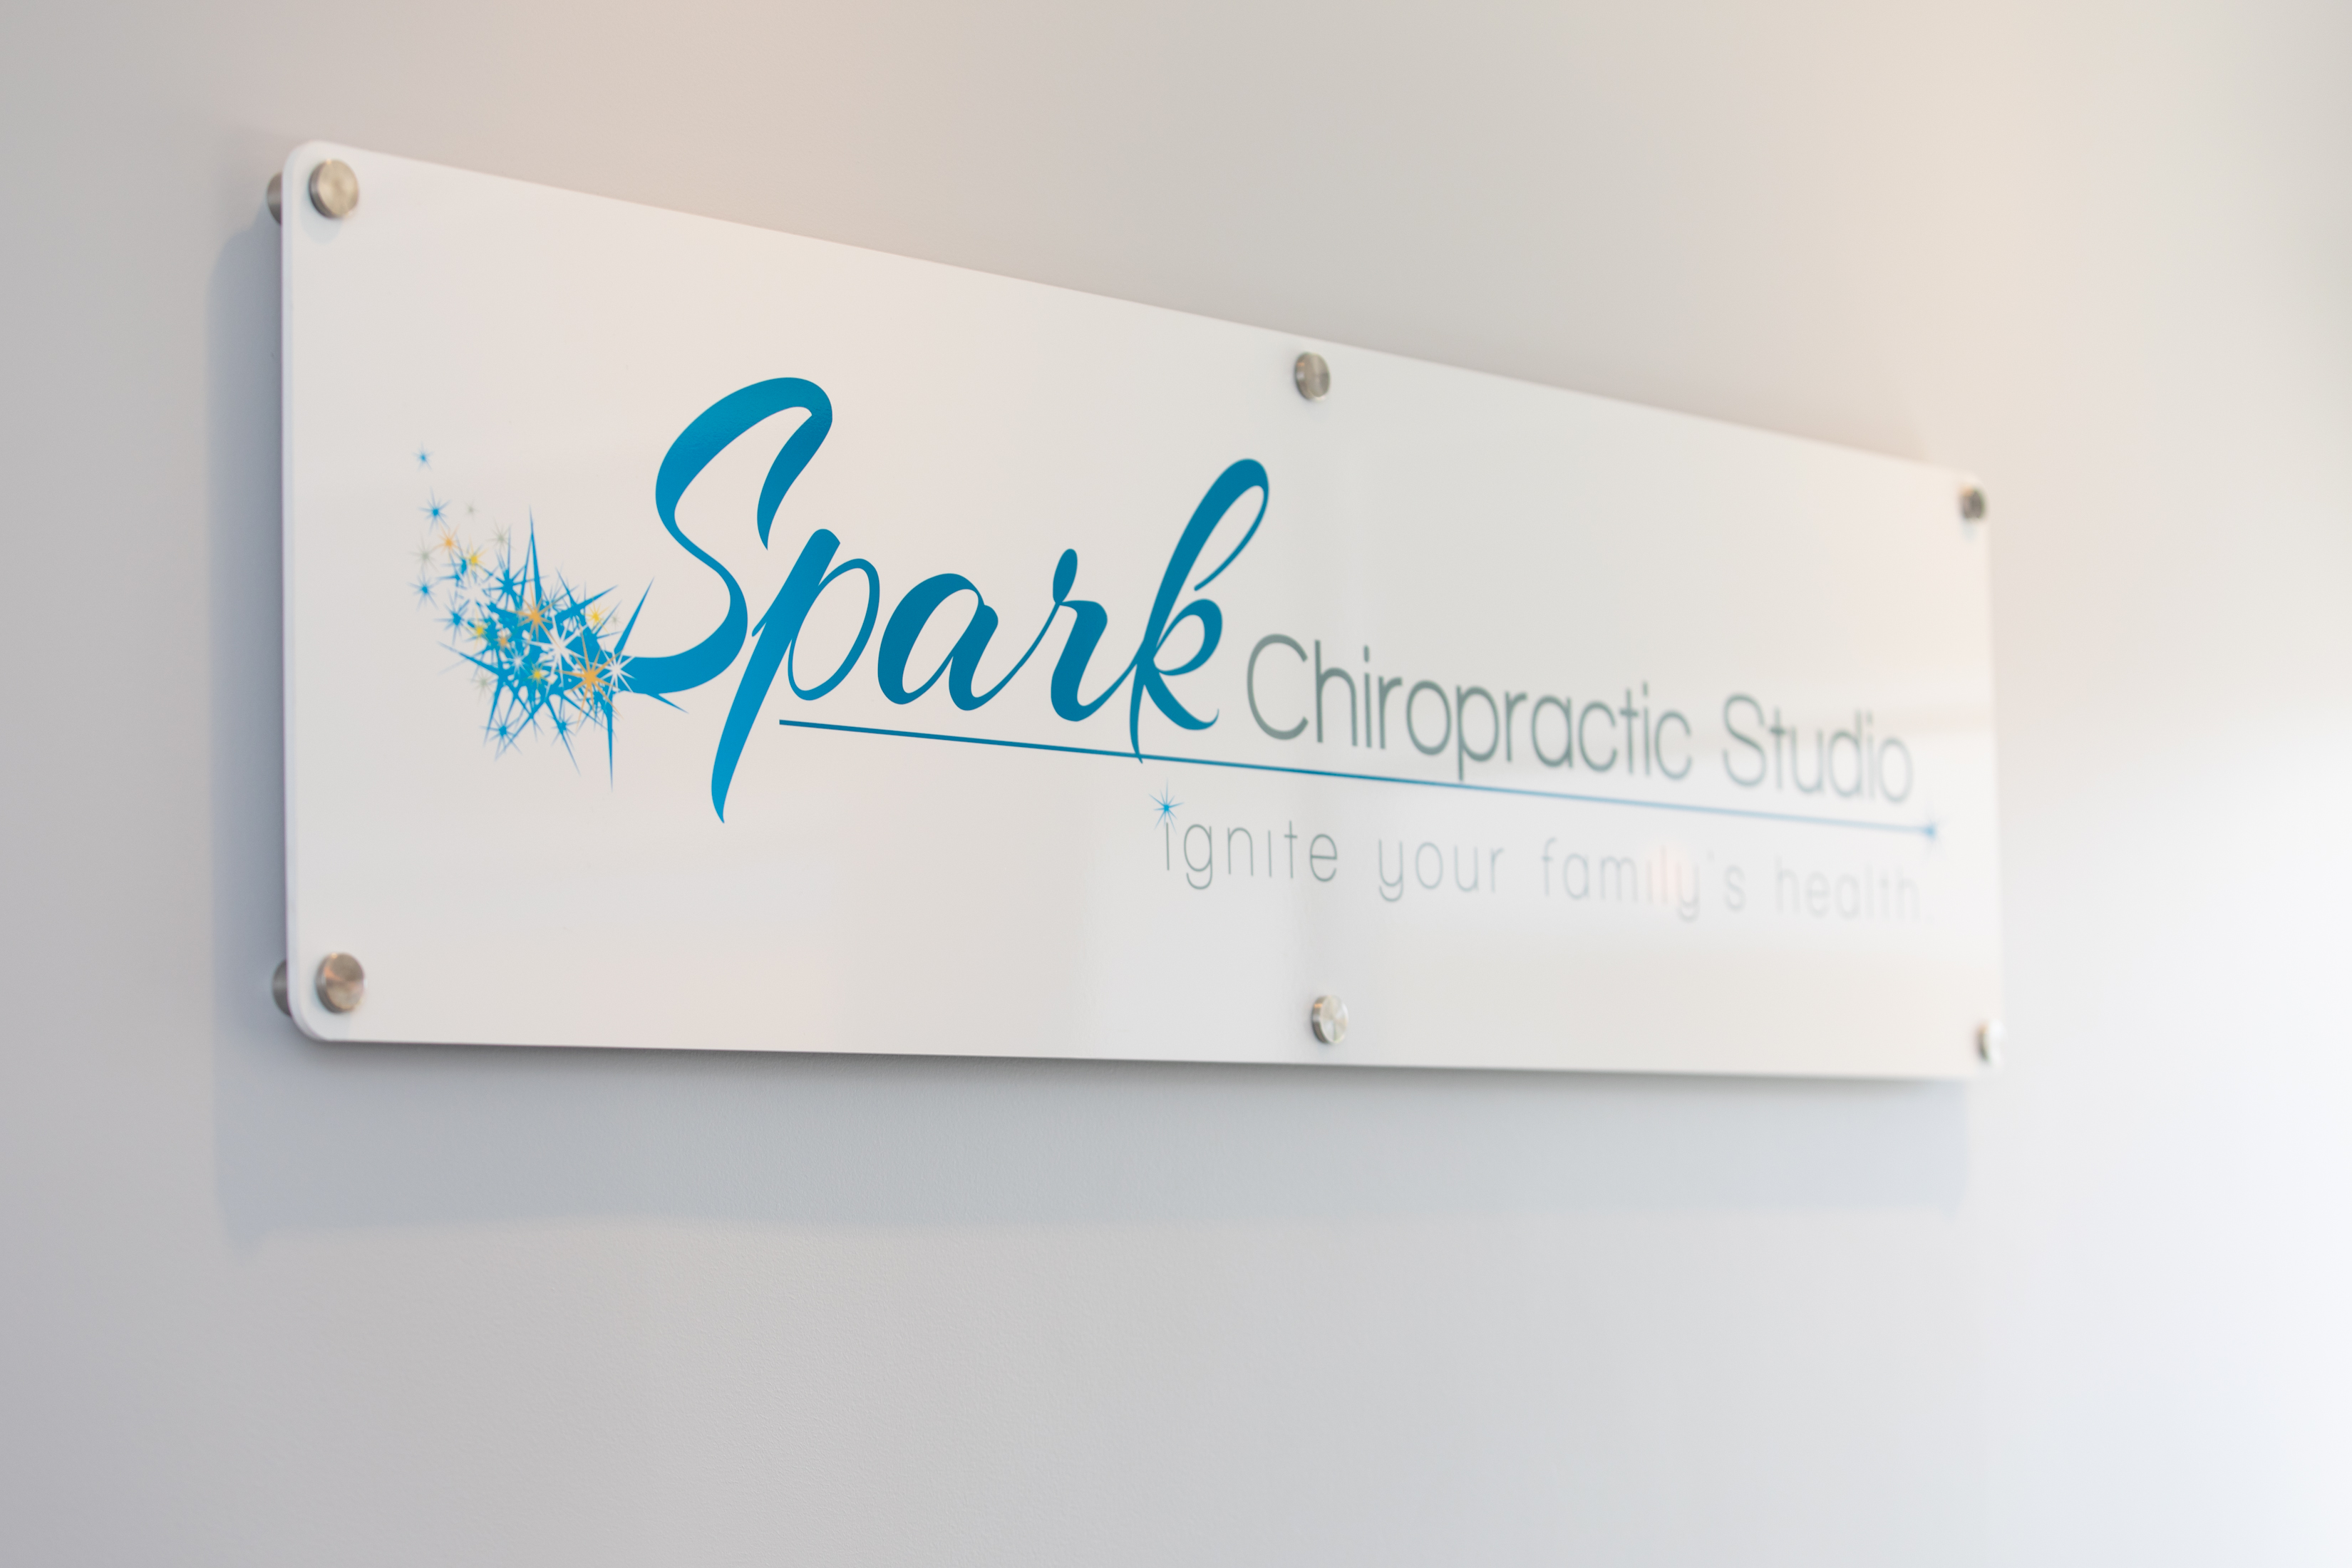 SparkChiropracticStudio_June2019_Allison